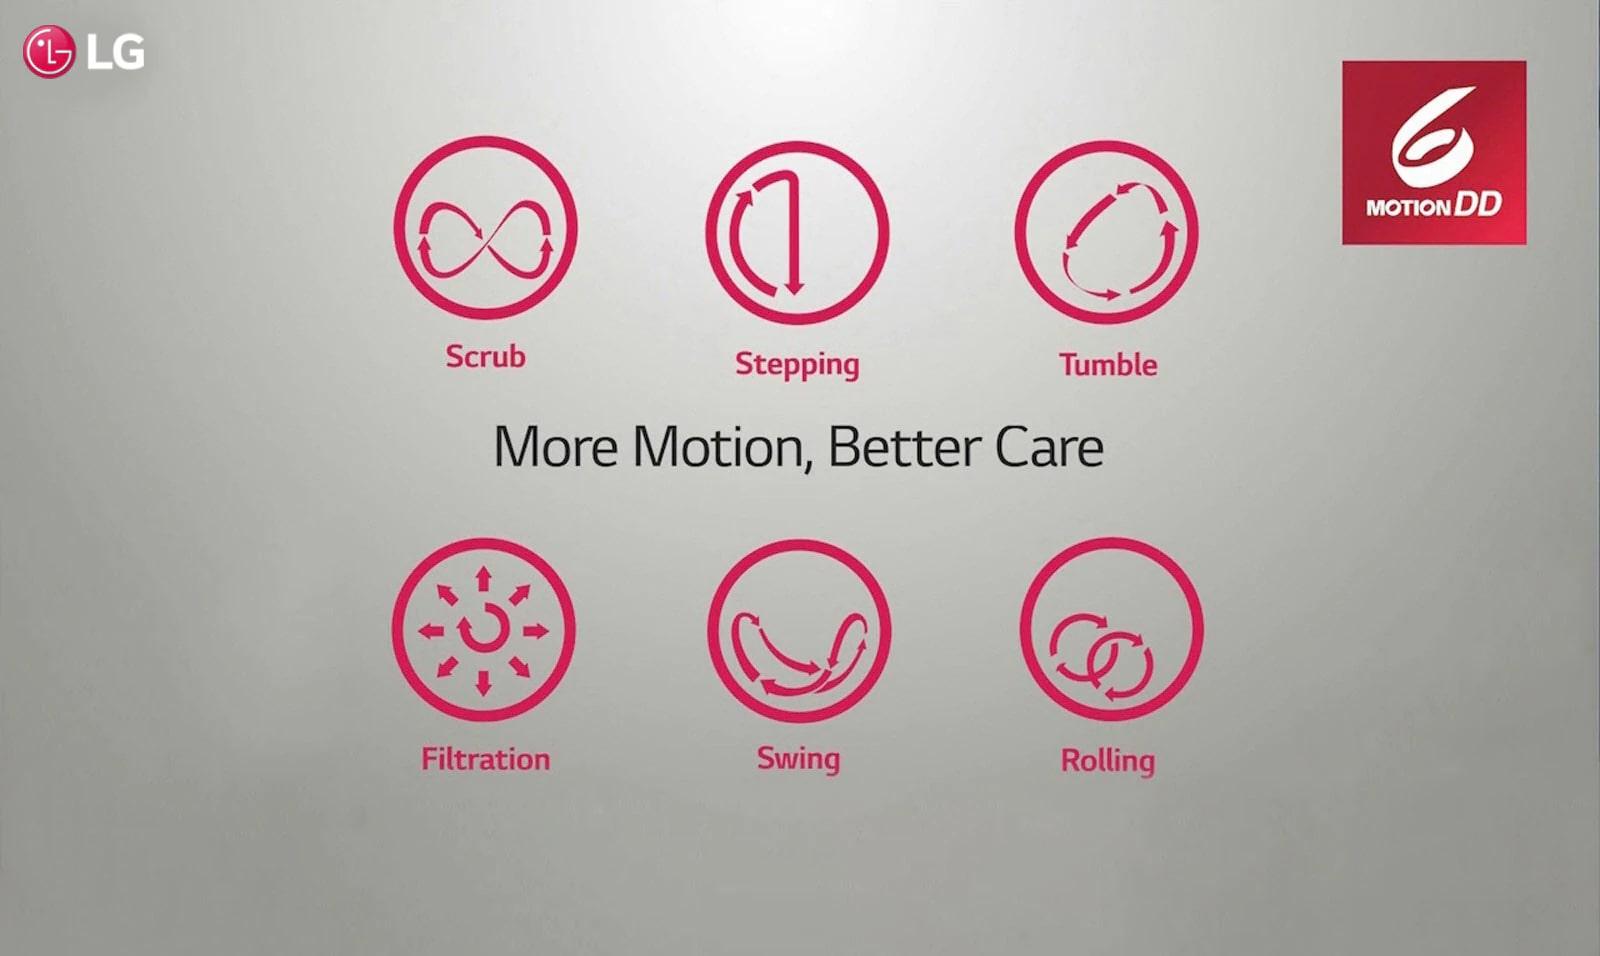 LG FHV1409ZWB More Motion Better Care